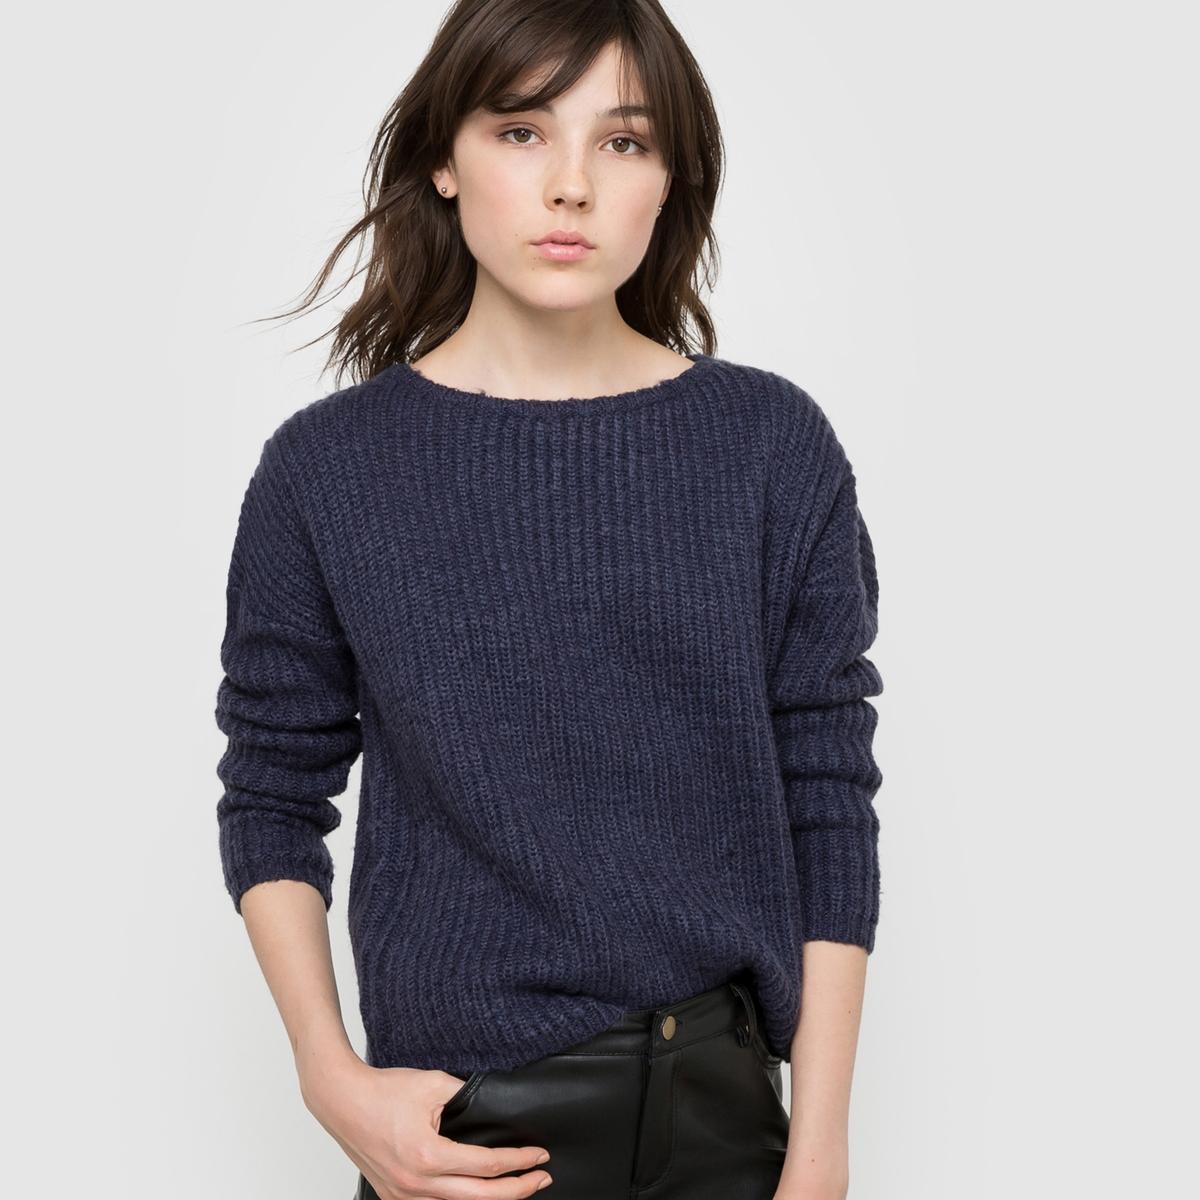 Пуловер теплый с приспущенными проймамиСостав и описание : Материал: 100% акрила.Длина      56 смМарка: R ?dition Уход :Машинная стирка при 30 °C<br><br>Цвет: светло-зеленый,телесный,темно-синий